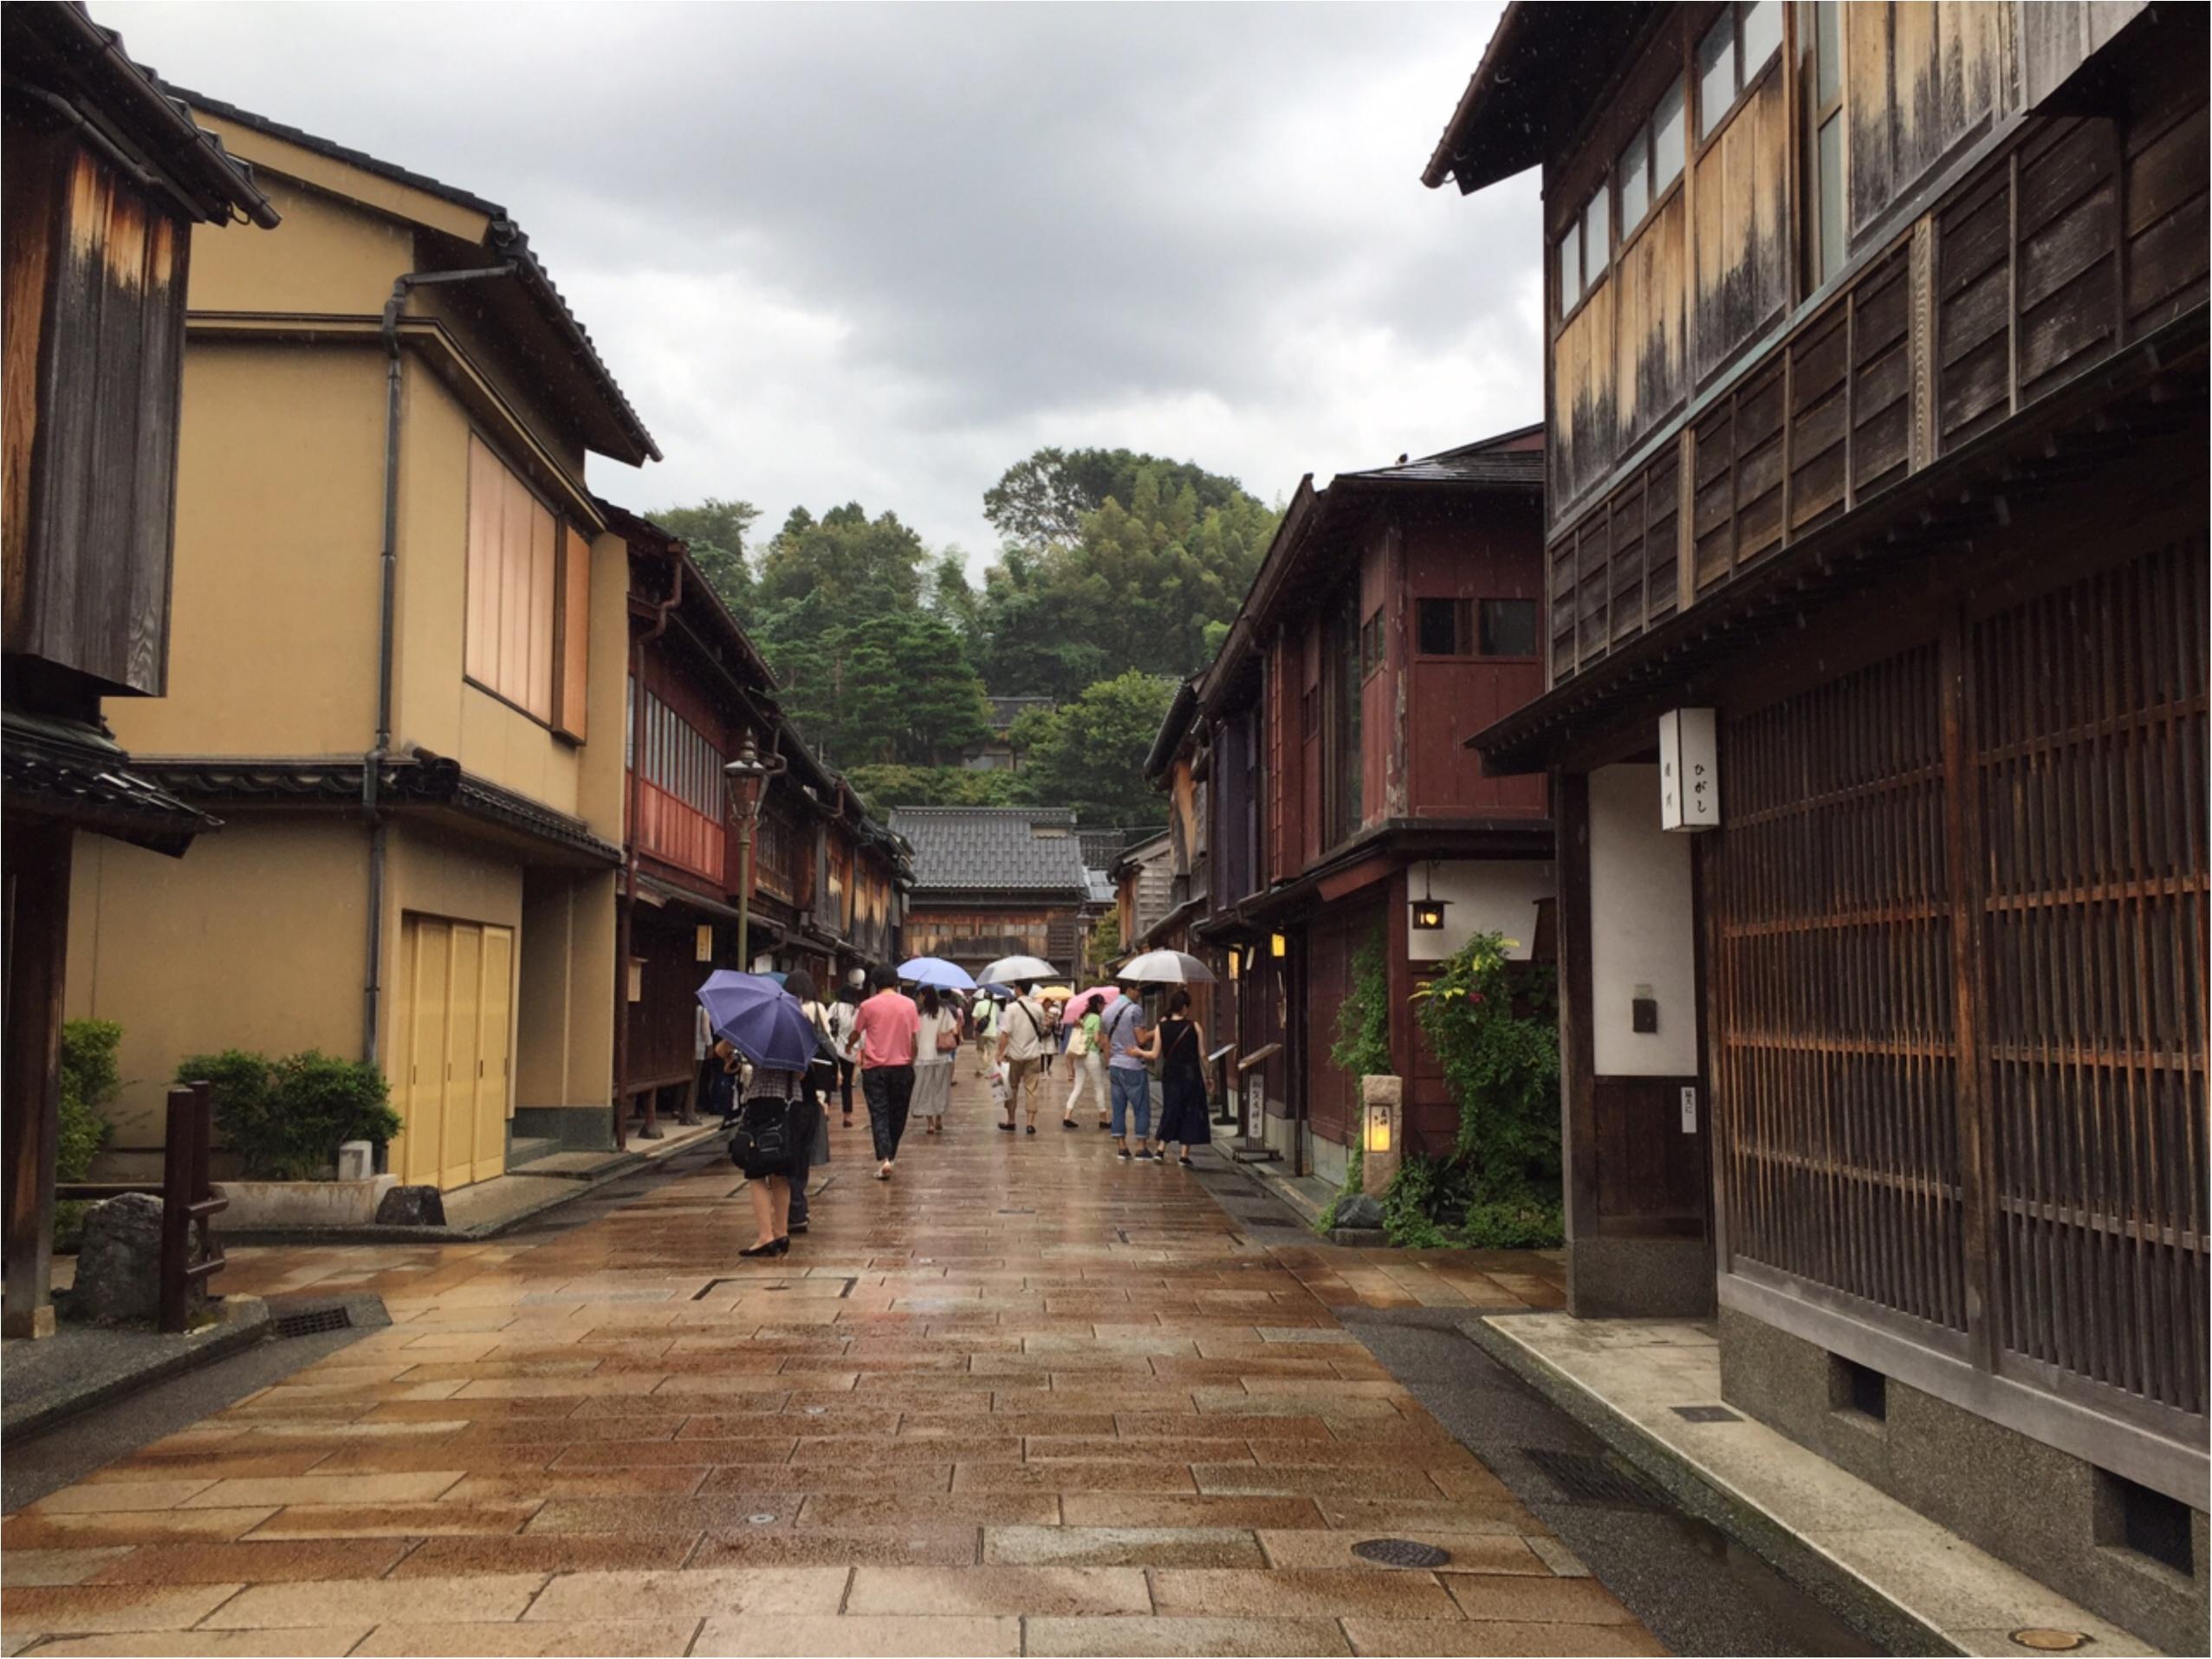 金沢女子旅特集 - 日帰り・週末旅行に! 金沢21世紀美術館など観光地やグルメまとめ_22